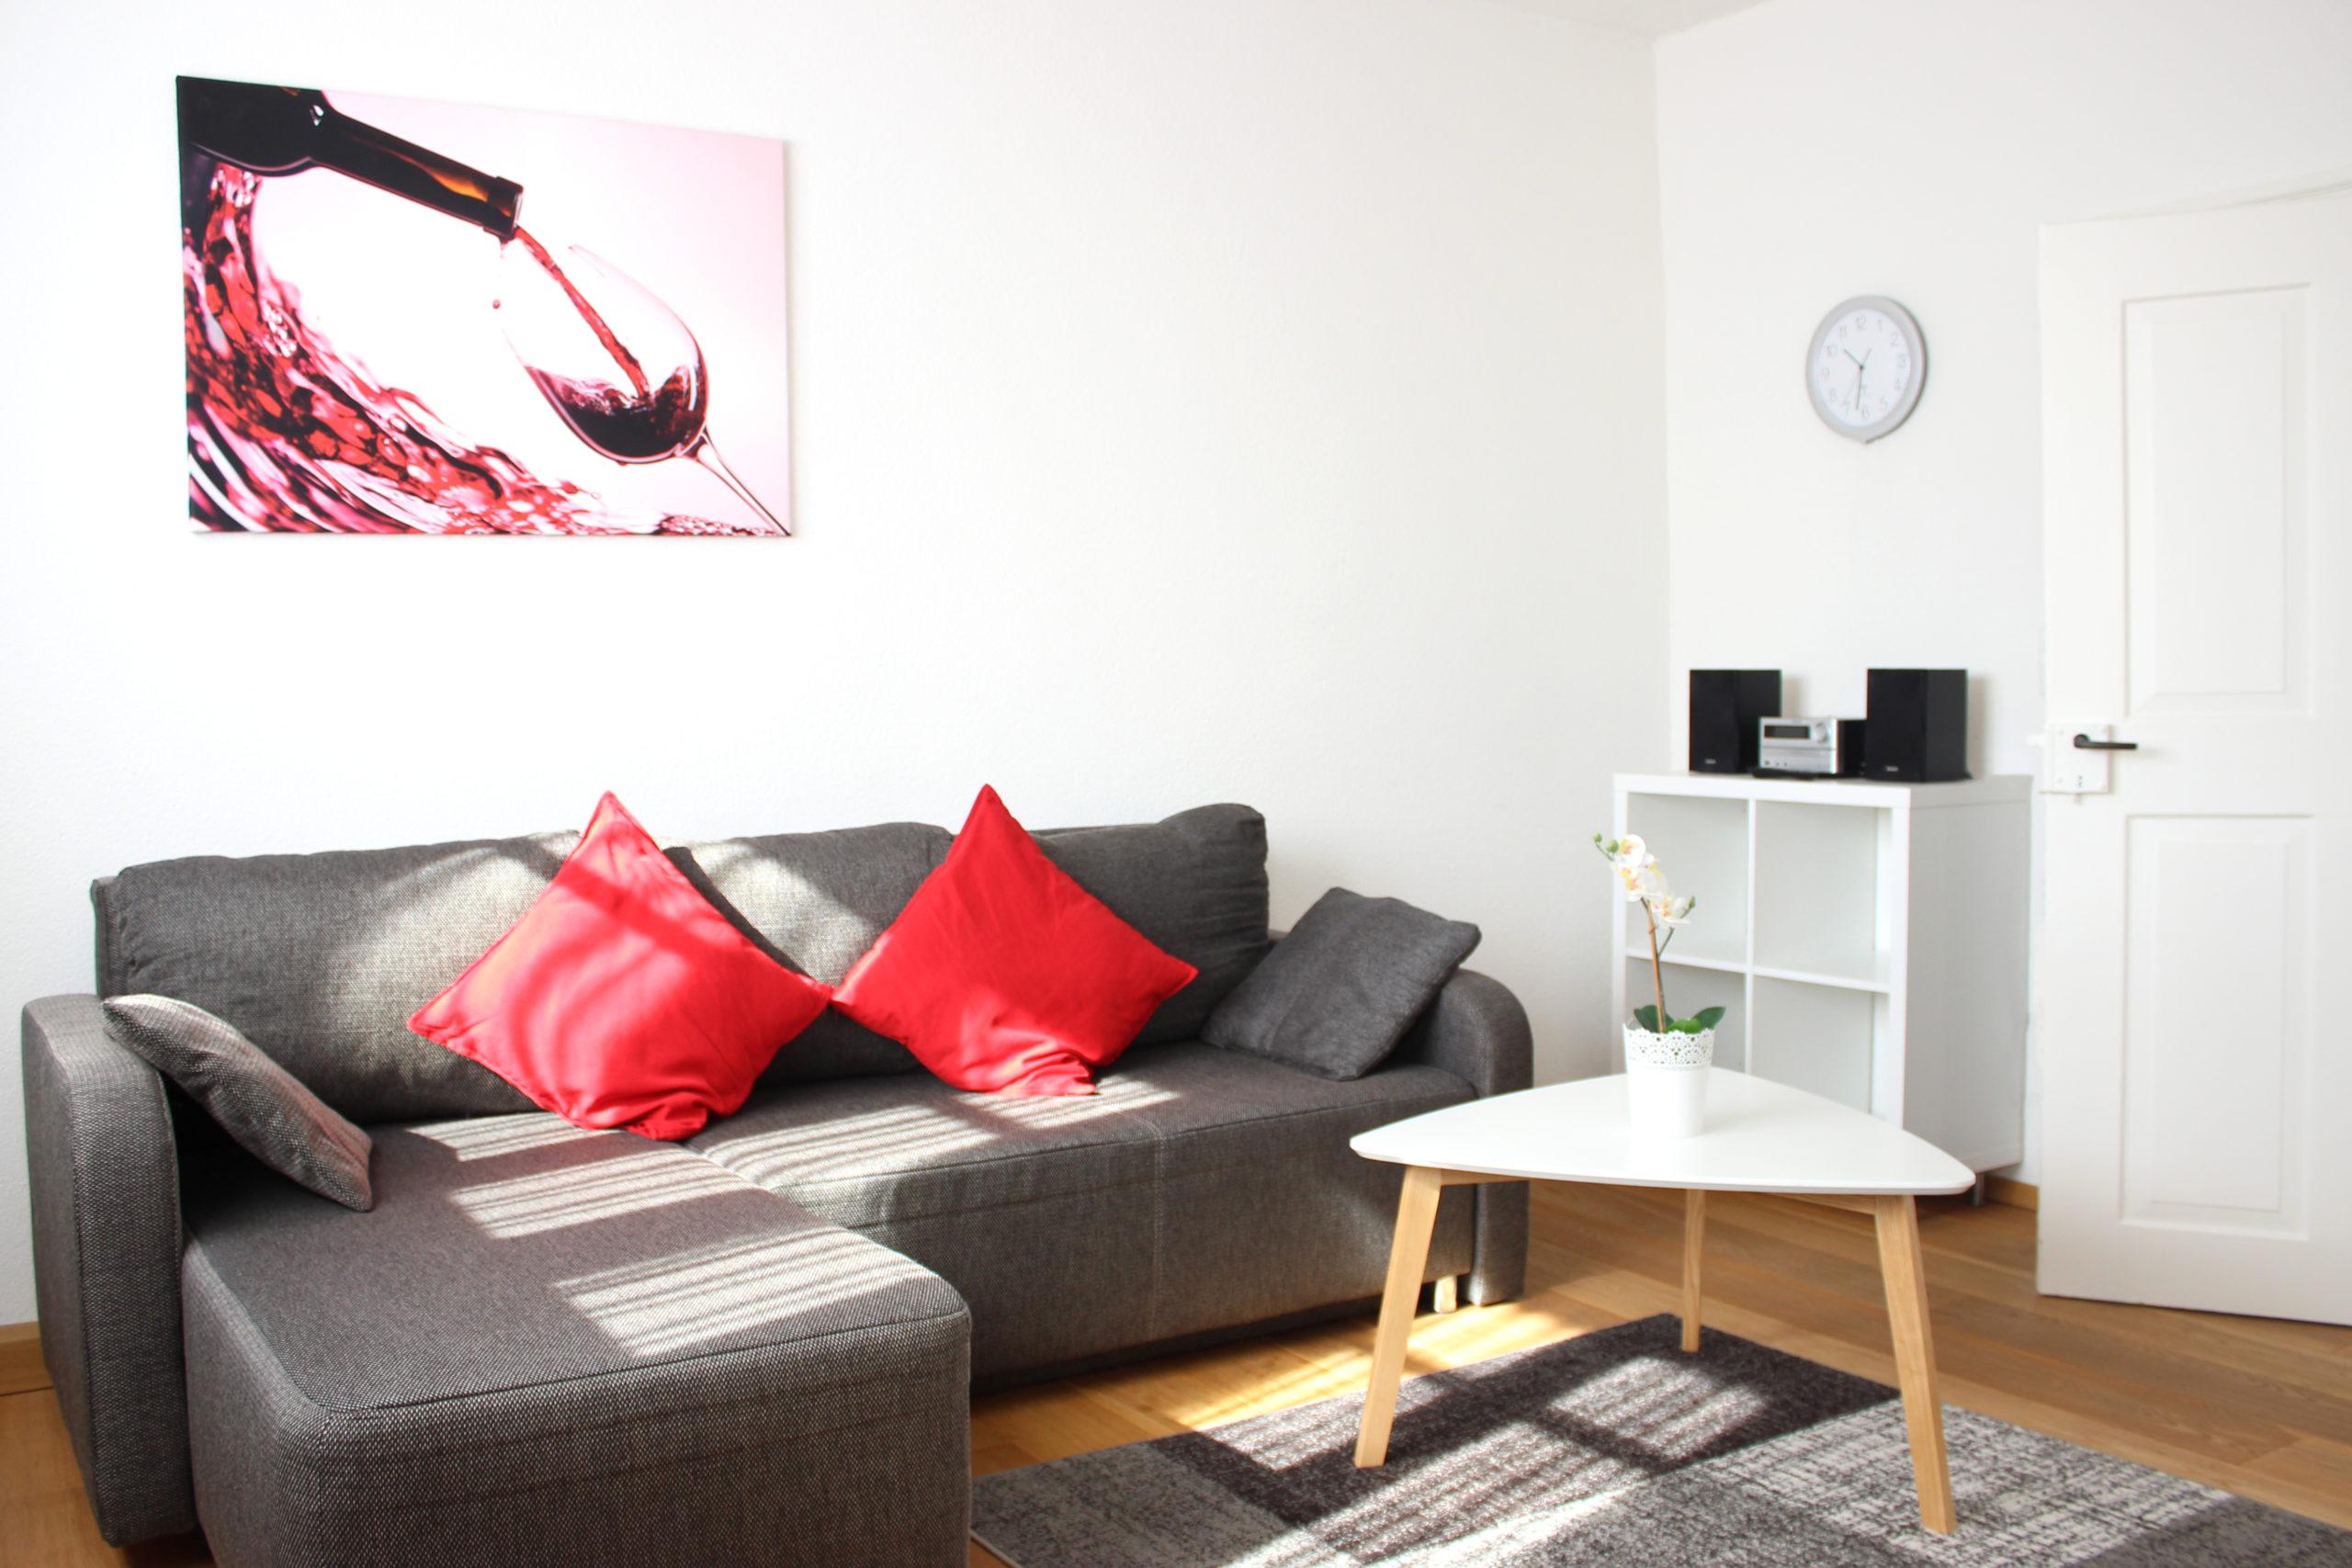 Wohnzimmer mit TV, Radio und bequemem Sofa